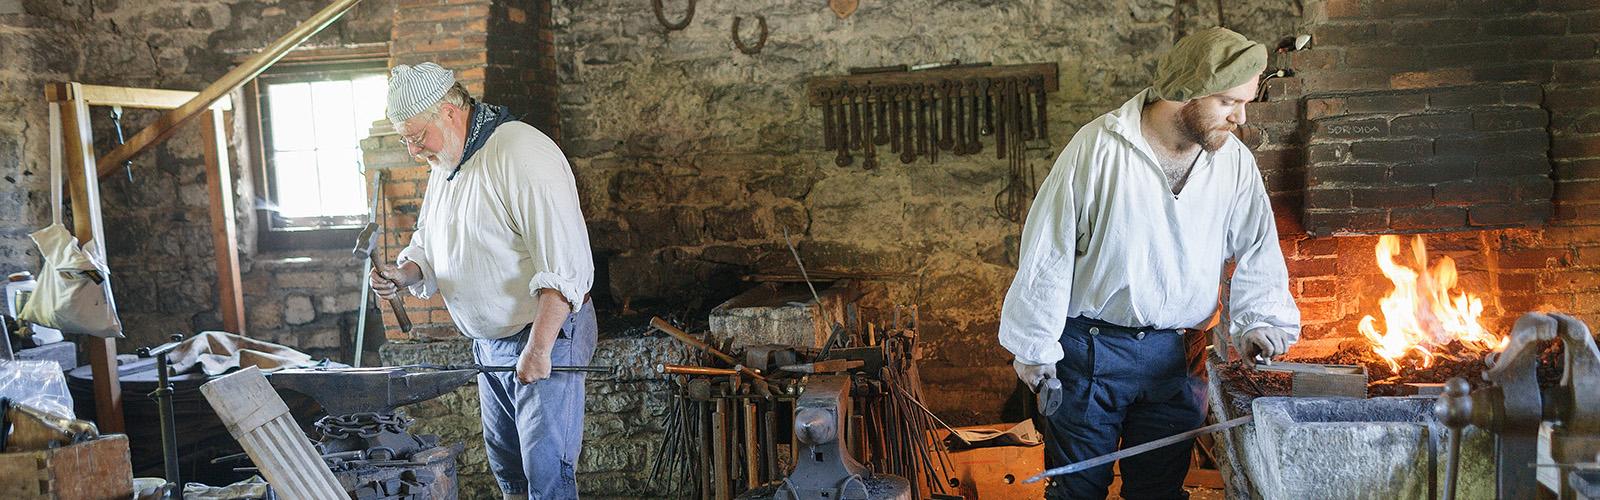 Fort Klock blacksmiths